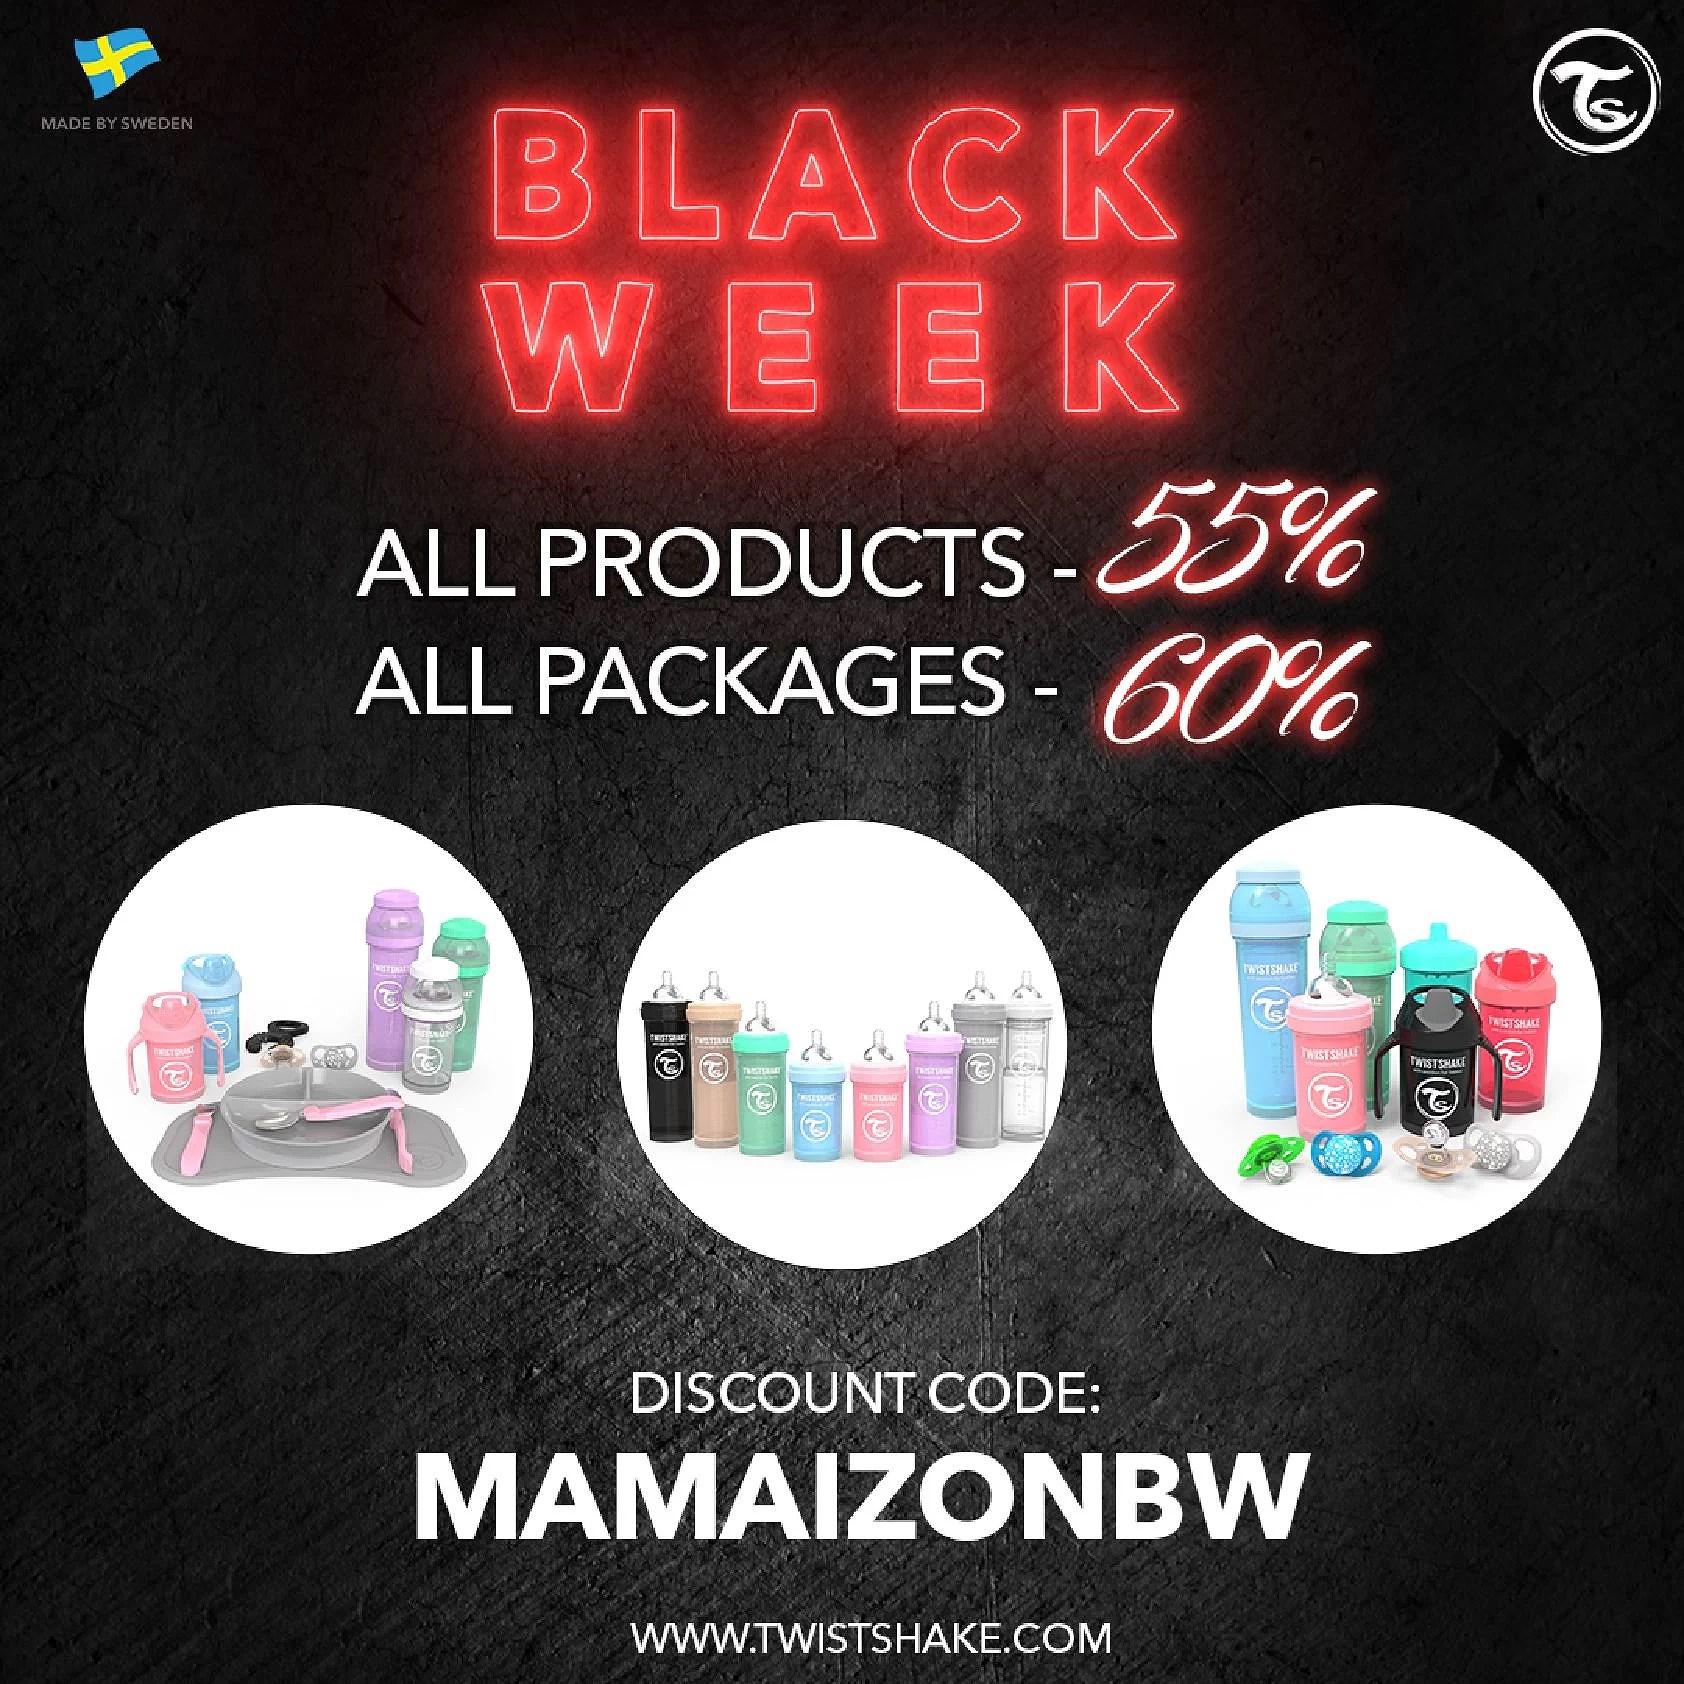 Upp till 60% rabatt - BlackWeek